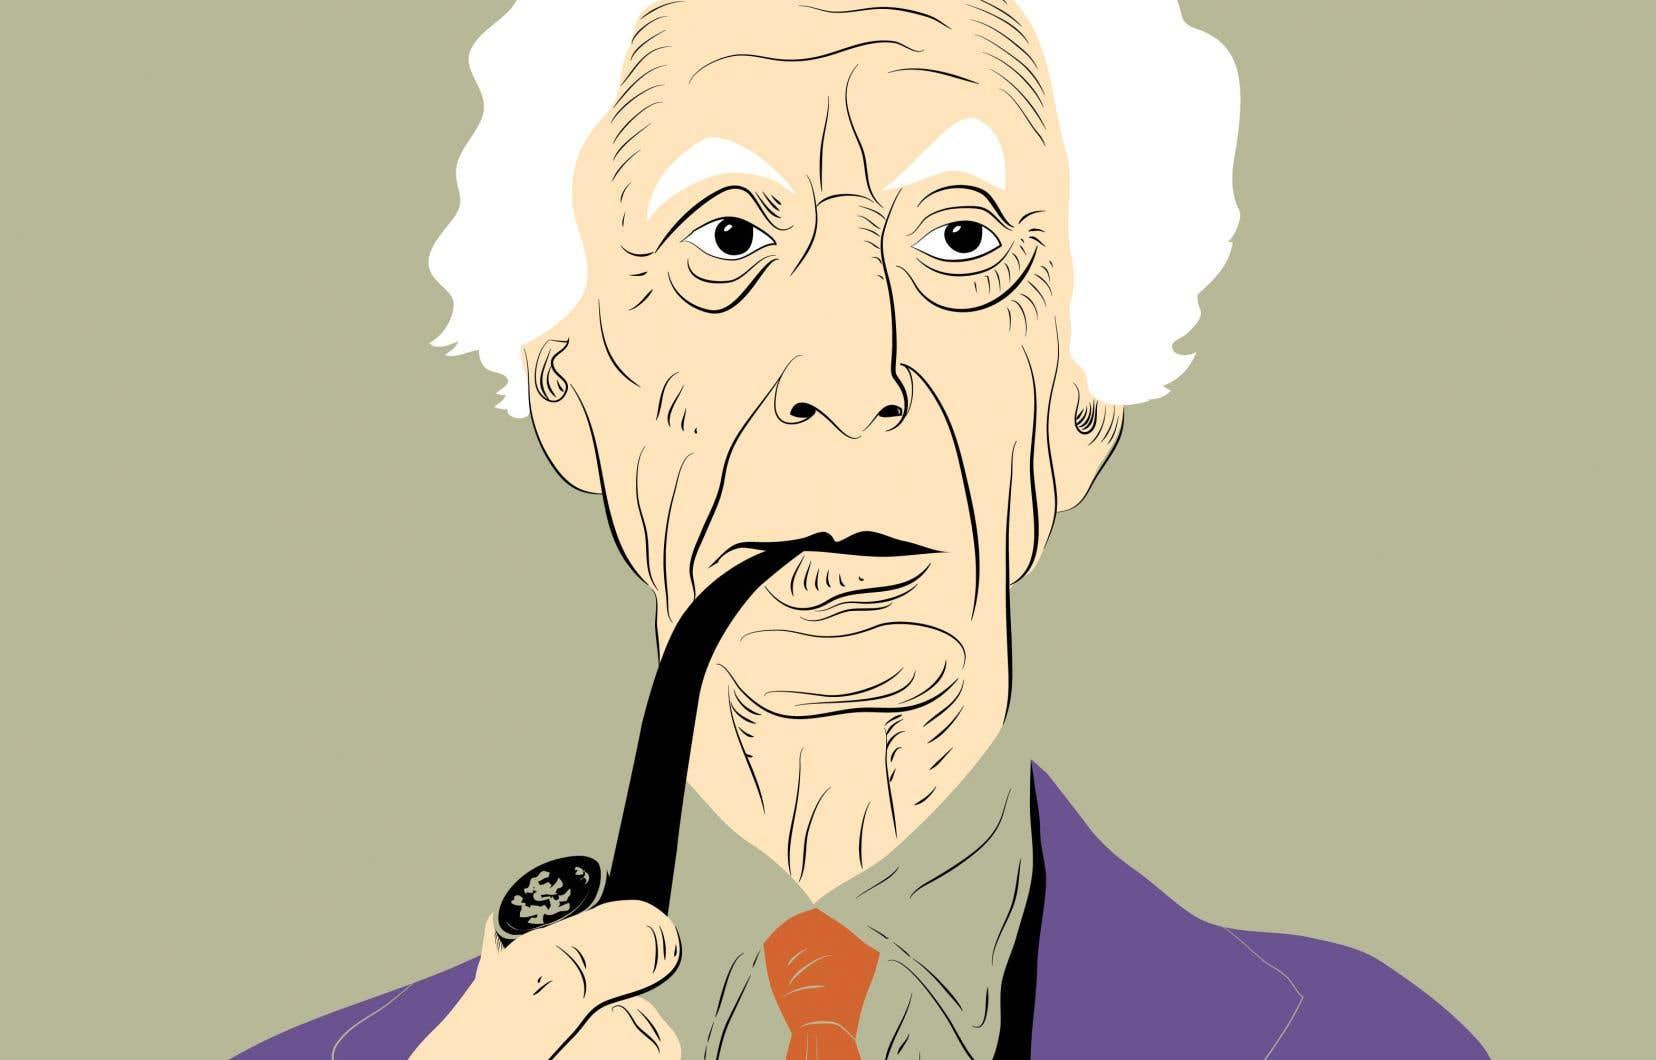 Dans la perspective de Bertrand Russell, la science et la religion ne sont pas deux magistères séparés; la religion empiète inévitablement sur les plate-bandes de la science dans ses prétentions à la vérité. Mais la science est toujours sortie victorieuse de ces conflits avec la religion, ferait-il valoir, et ce, pour le plus grand bien de l'humanité.